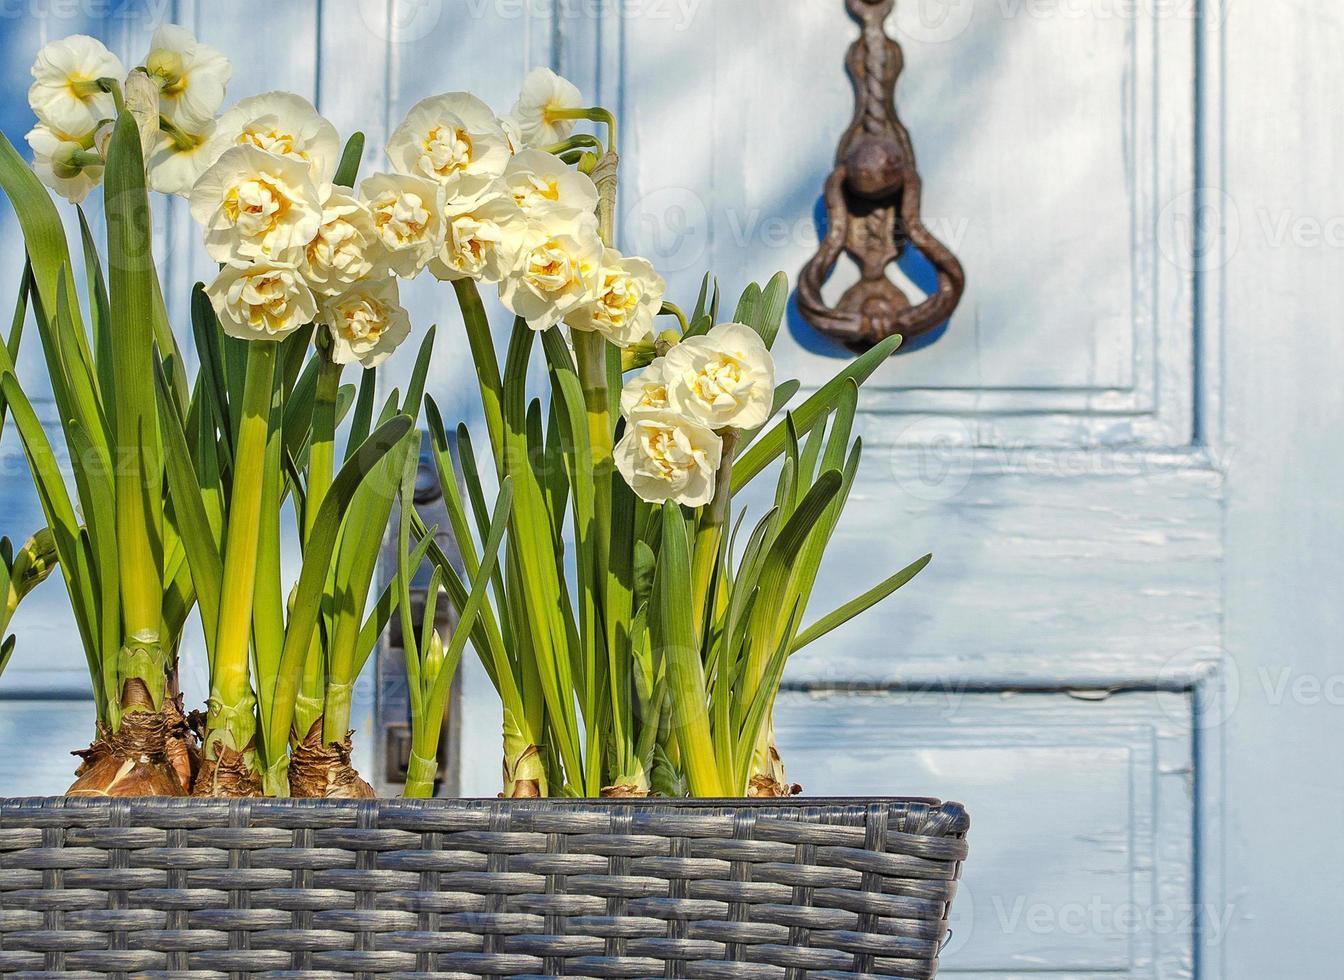 flores de primavera en una maceta en la calle. foto